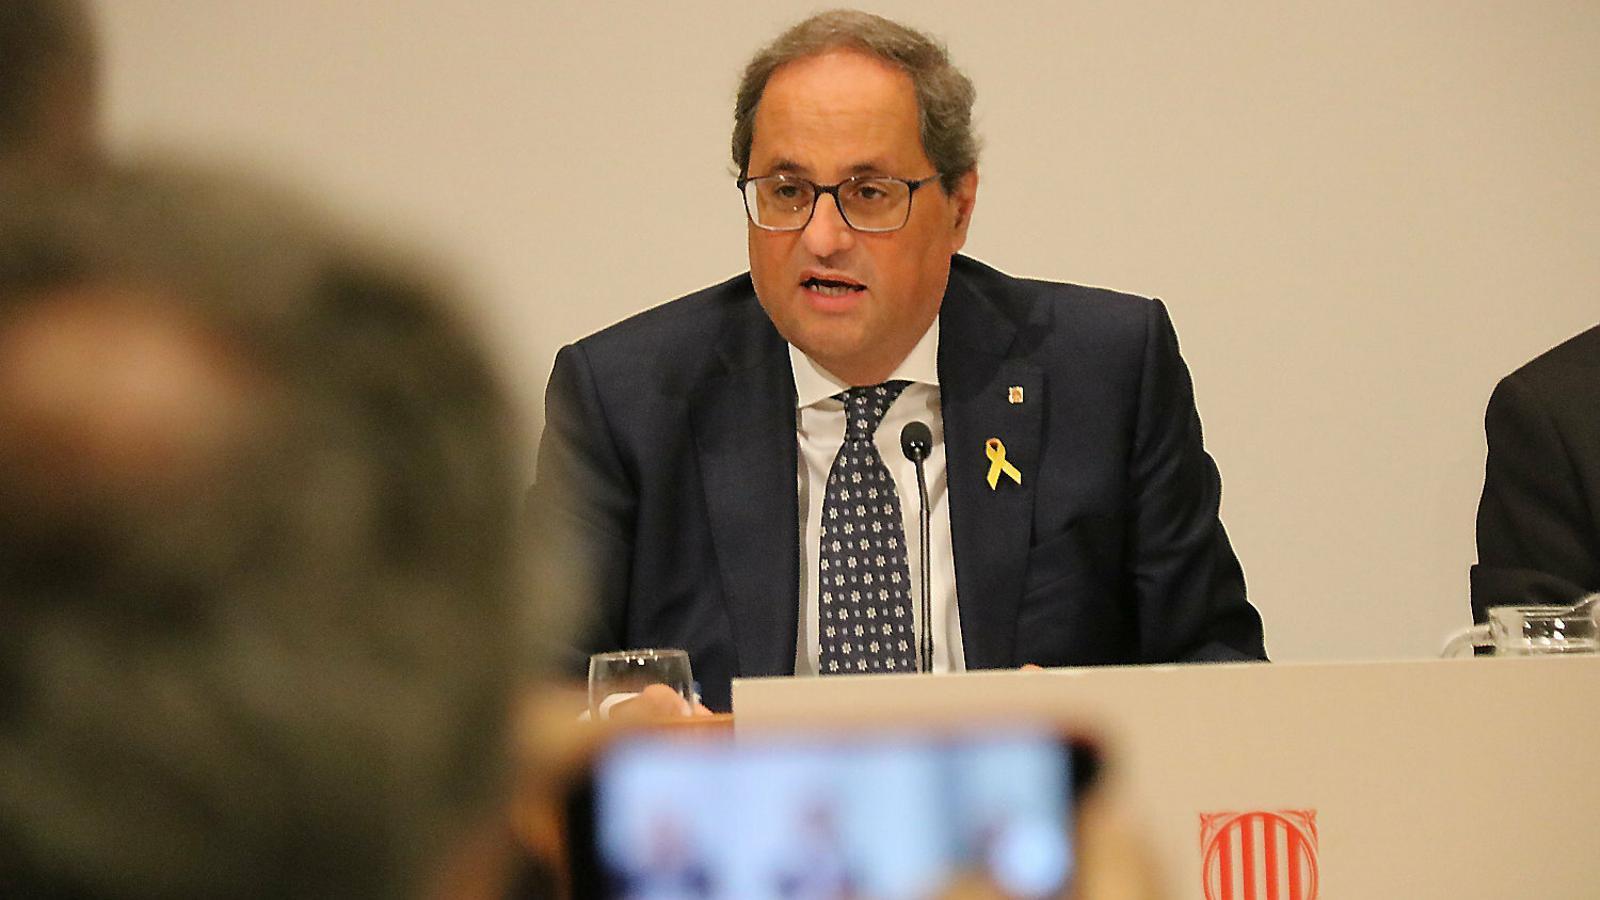 El president de la Generalitat, Quim Torra, en una compareixença pública recent.